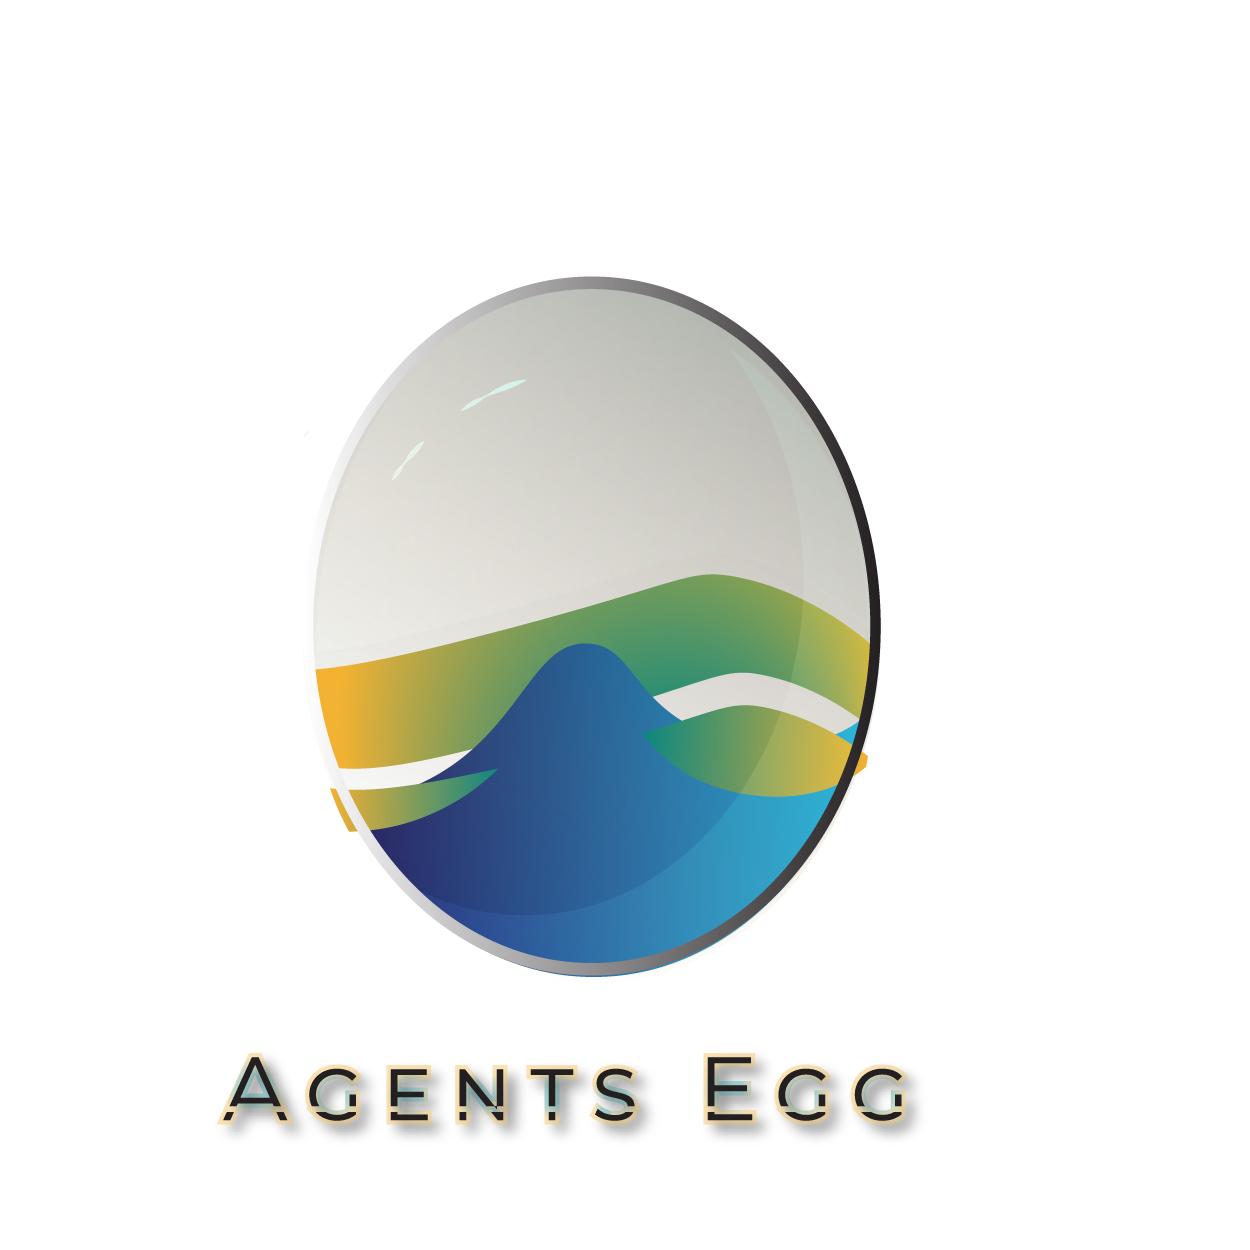 Agents Egg V1@1250x-100.jpg